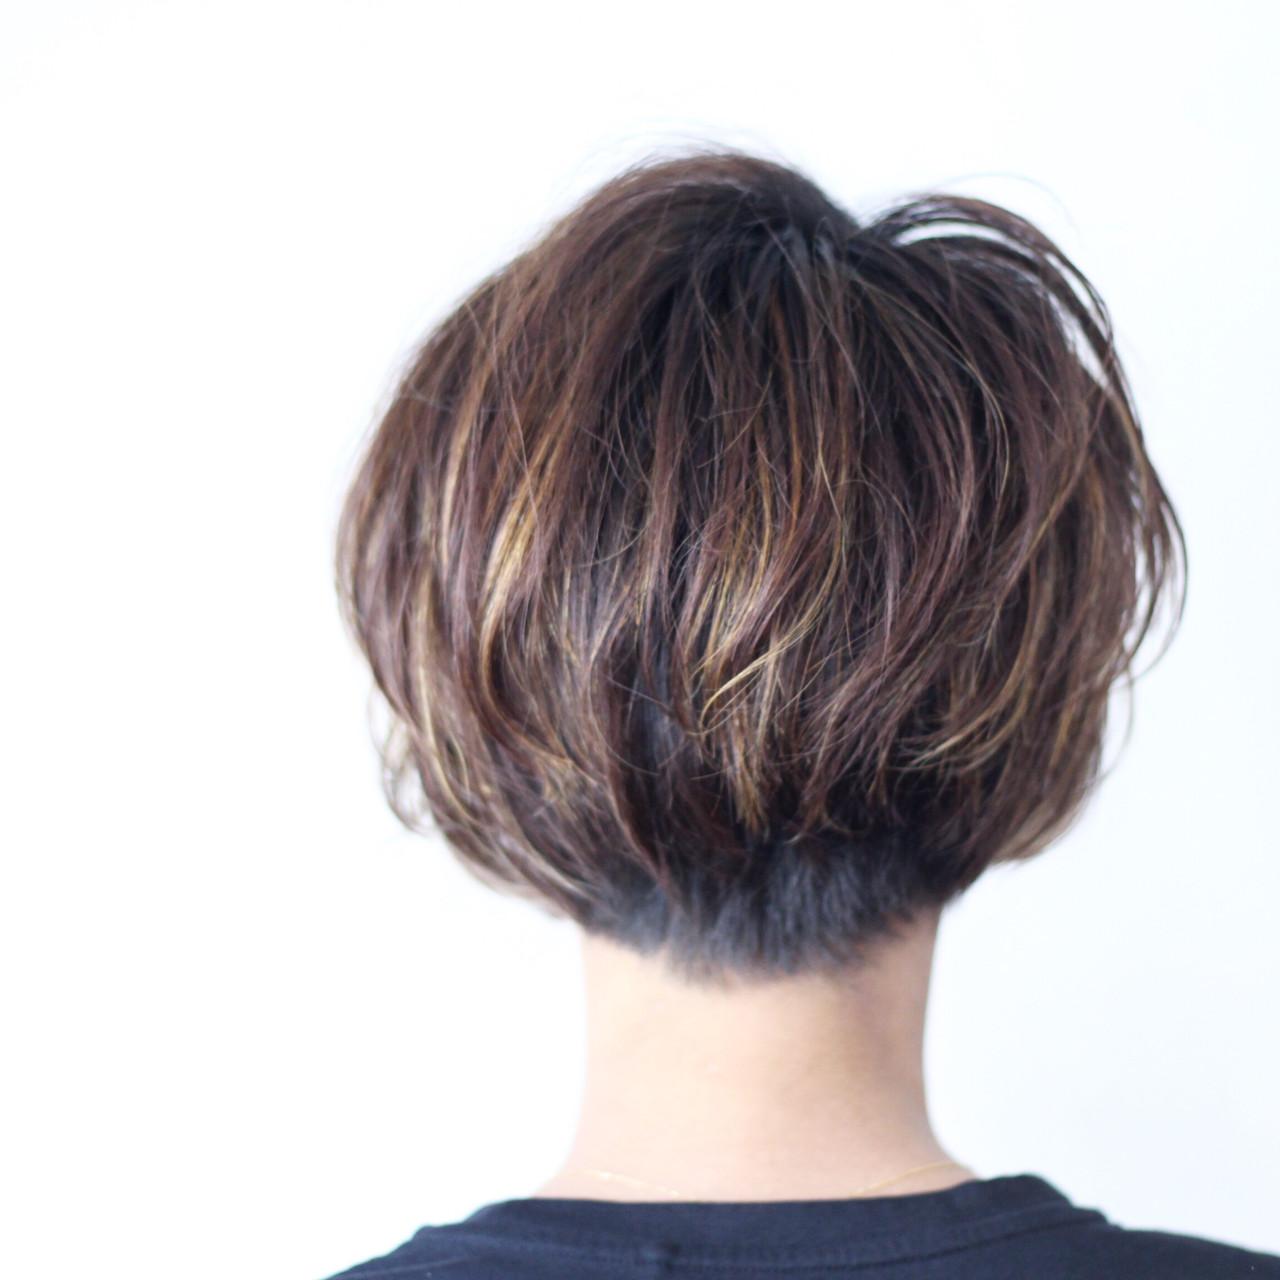 ナチュラル コントラストハイライト ボブ 3Dハイライト ヘアスタイルや髪型の写真・画像